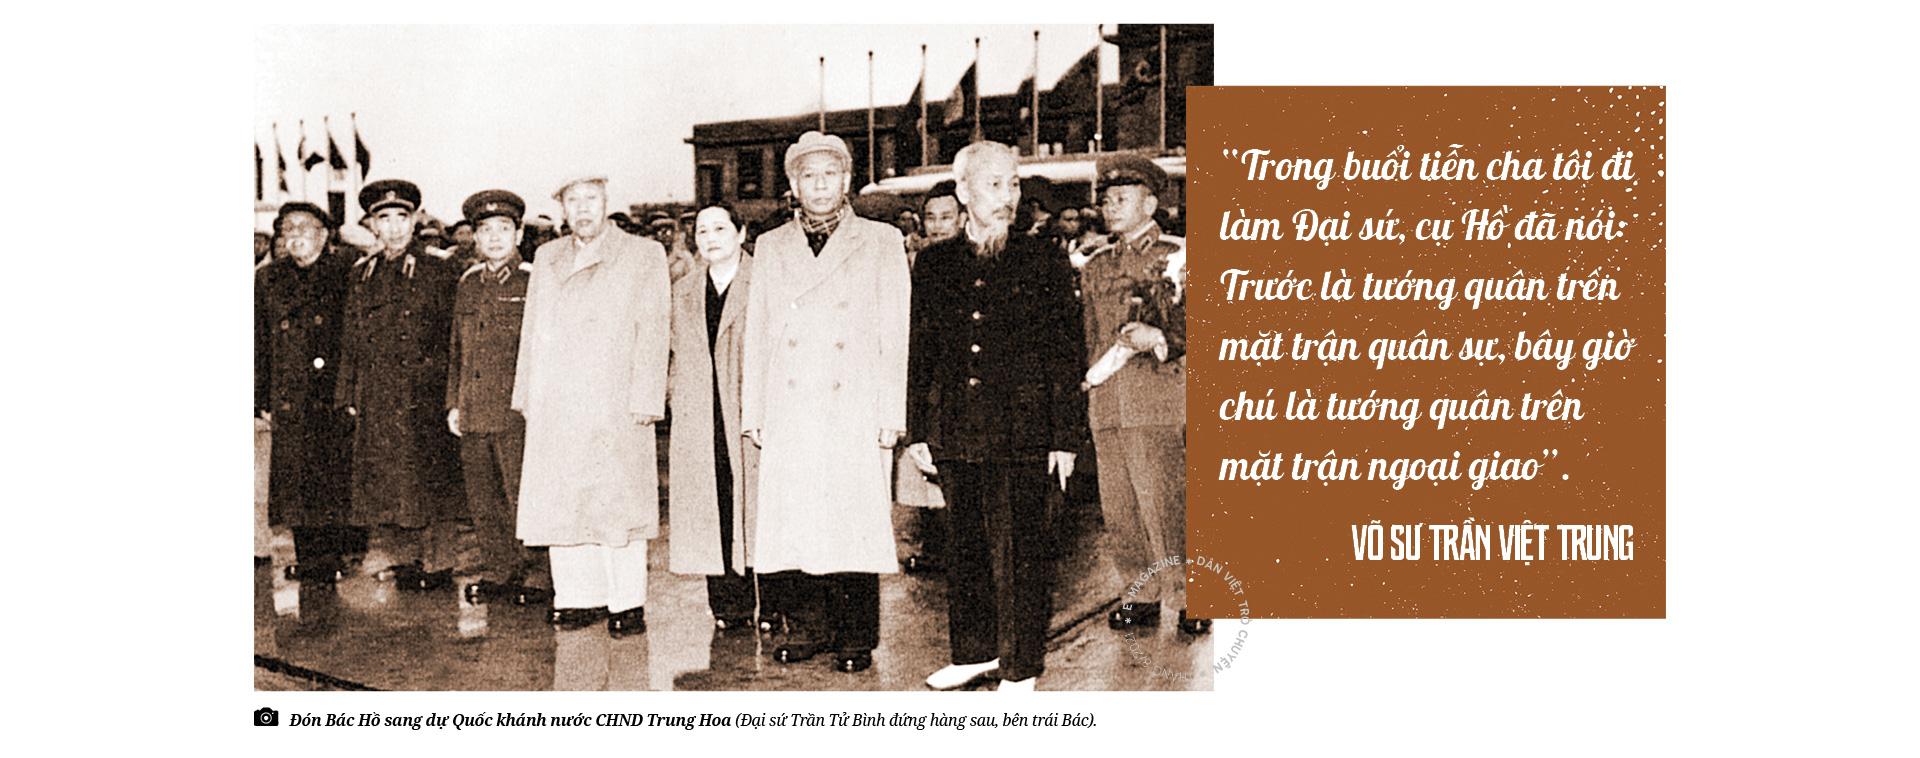 Nhà cách mạng Trần Tử Bình qua lời kể của võ sư Trần Việt Trung: Một cuộc đời như huyền thoại - Ảnh 11.